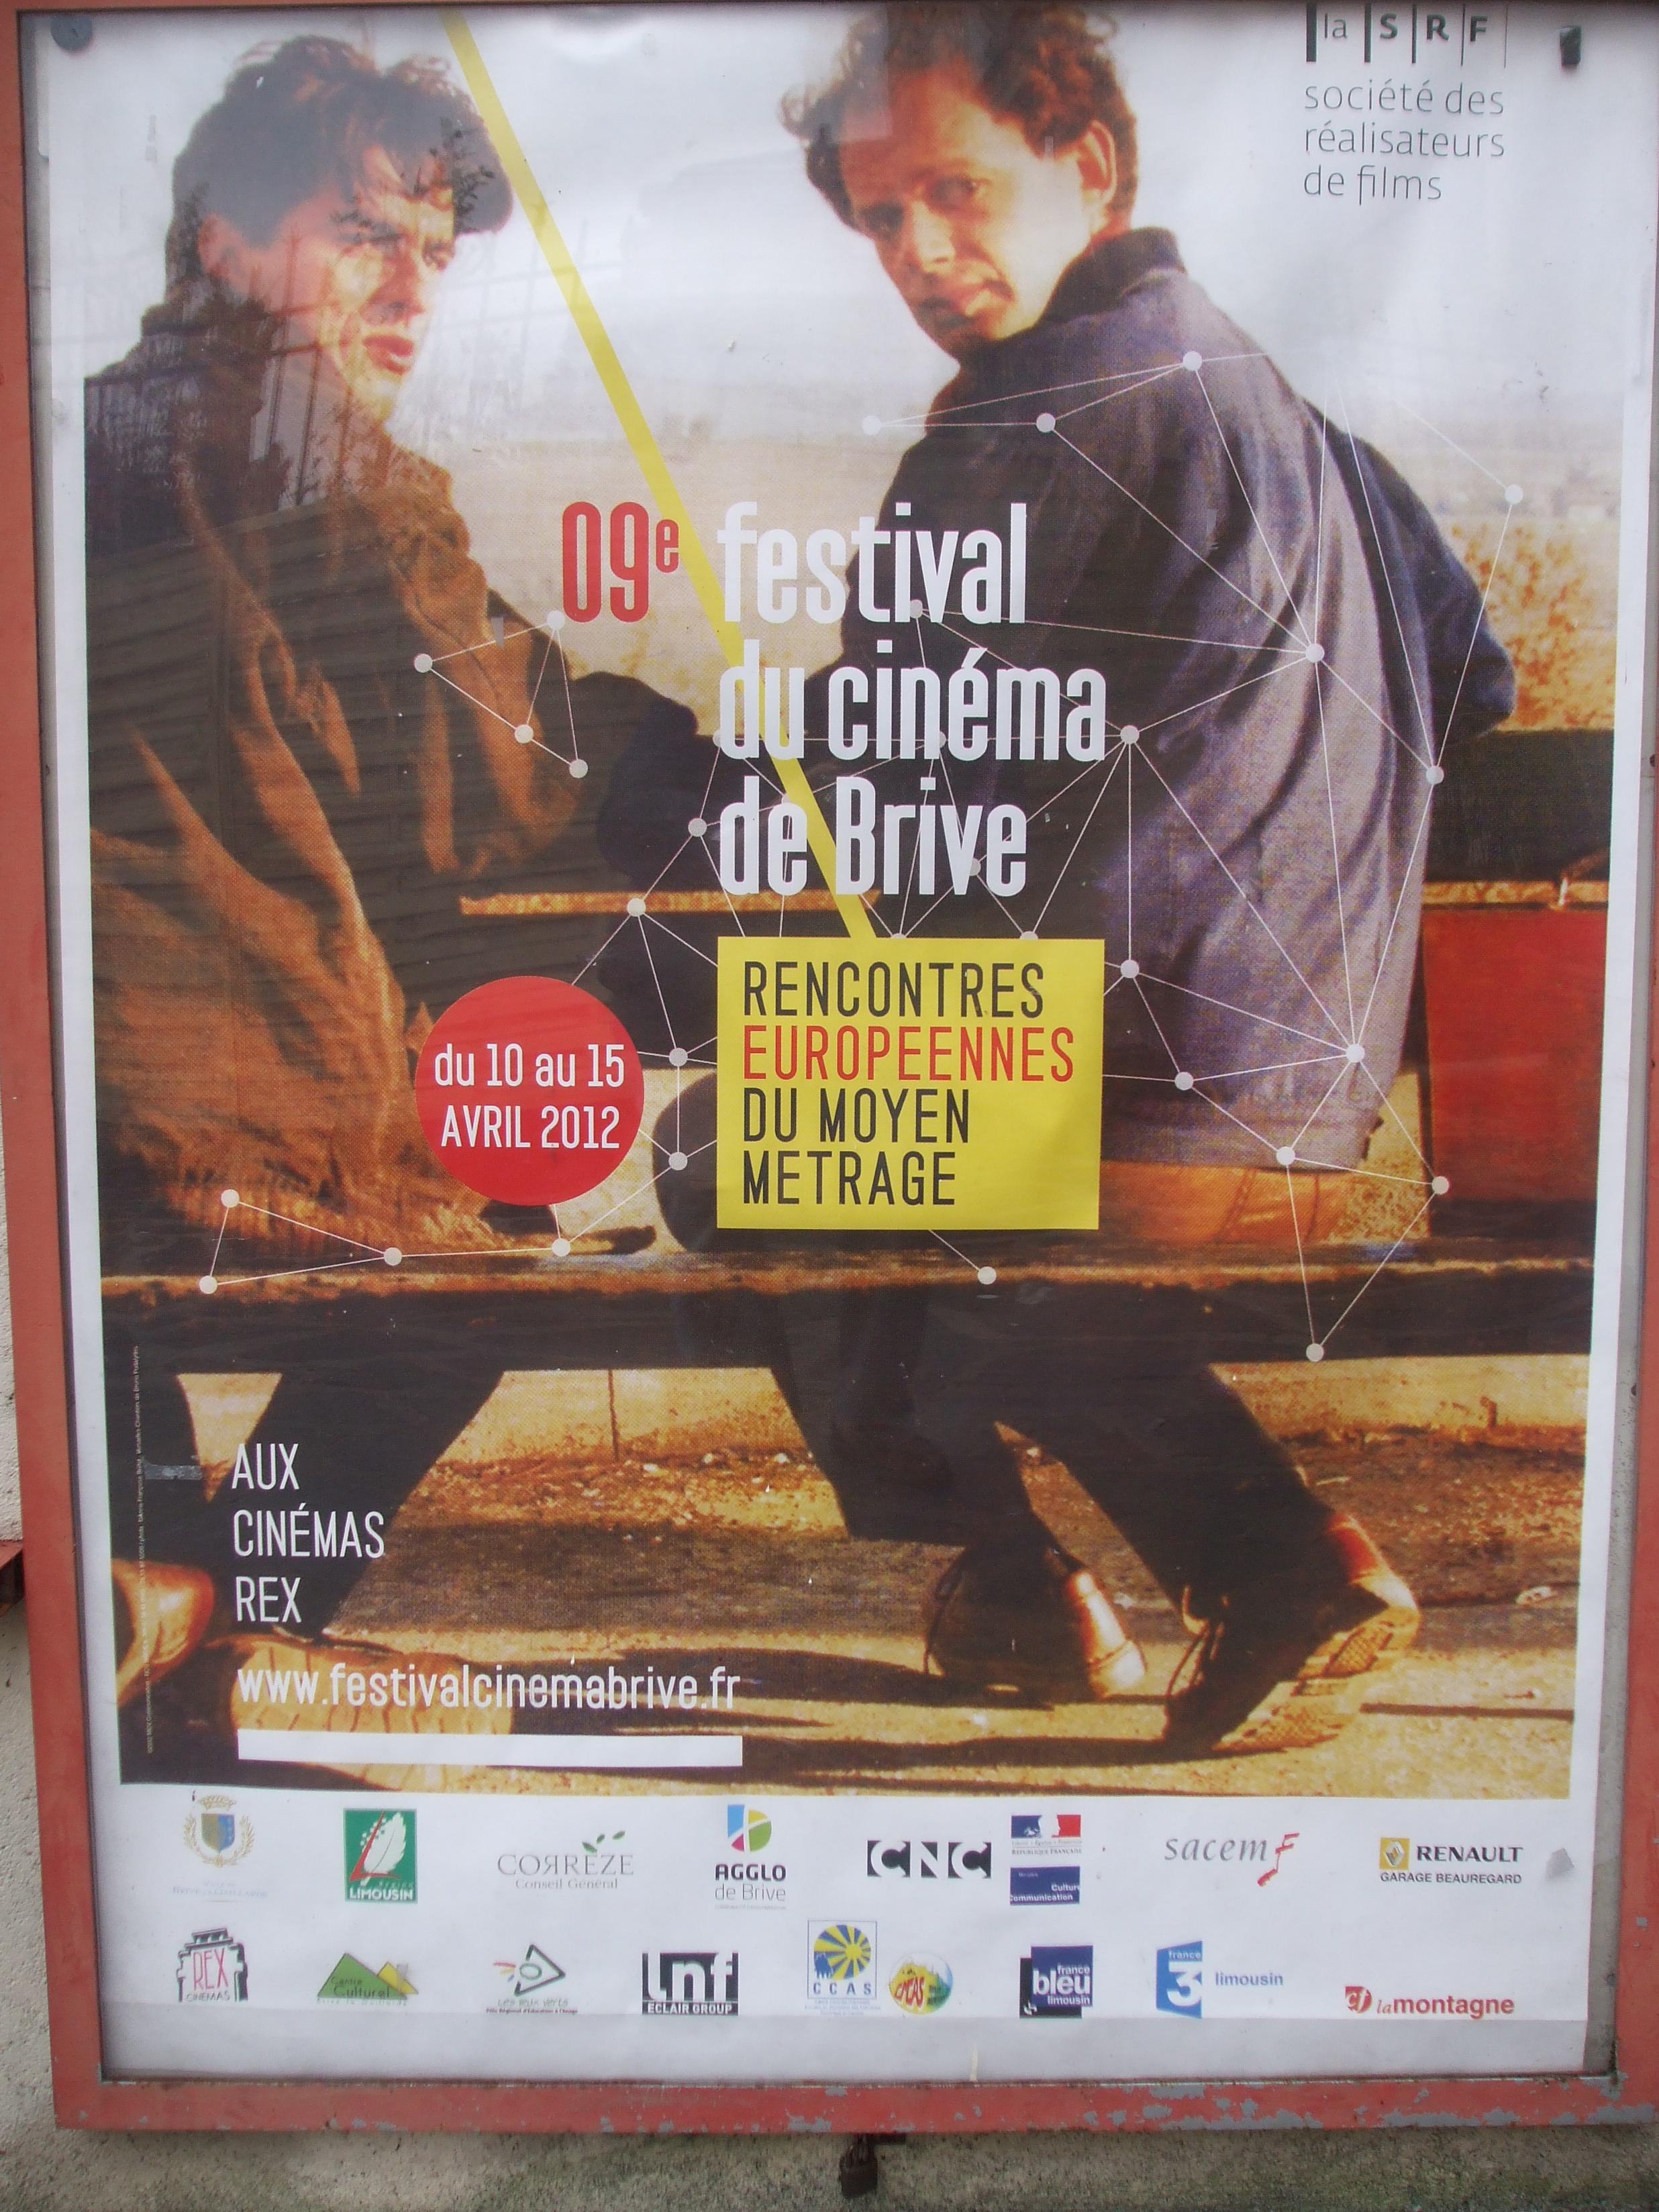 rencontres européennes du moyen métrage de brive